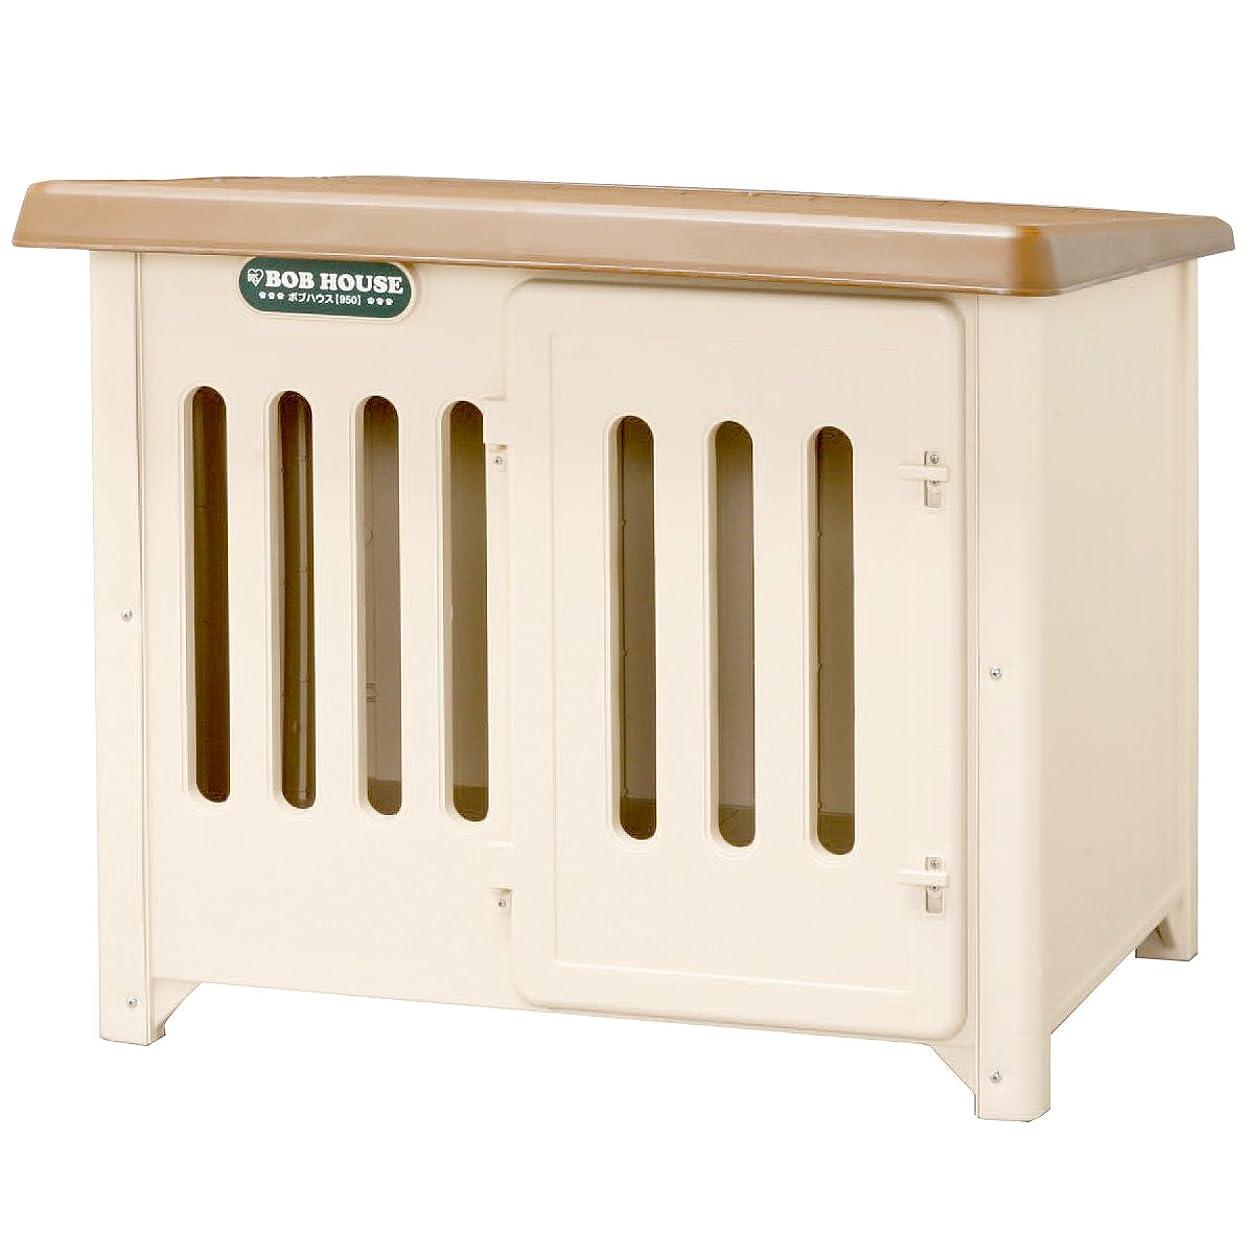 キャロラインよく話される頻繁に木製サークル犬小屋 DHDX007